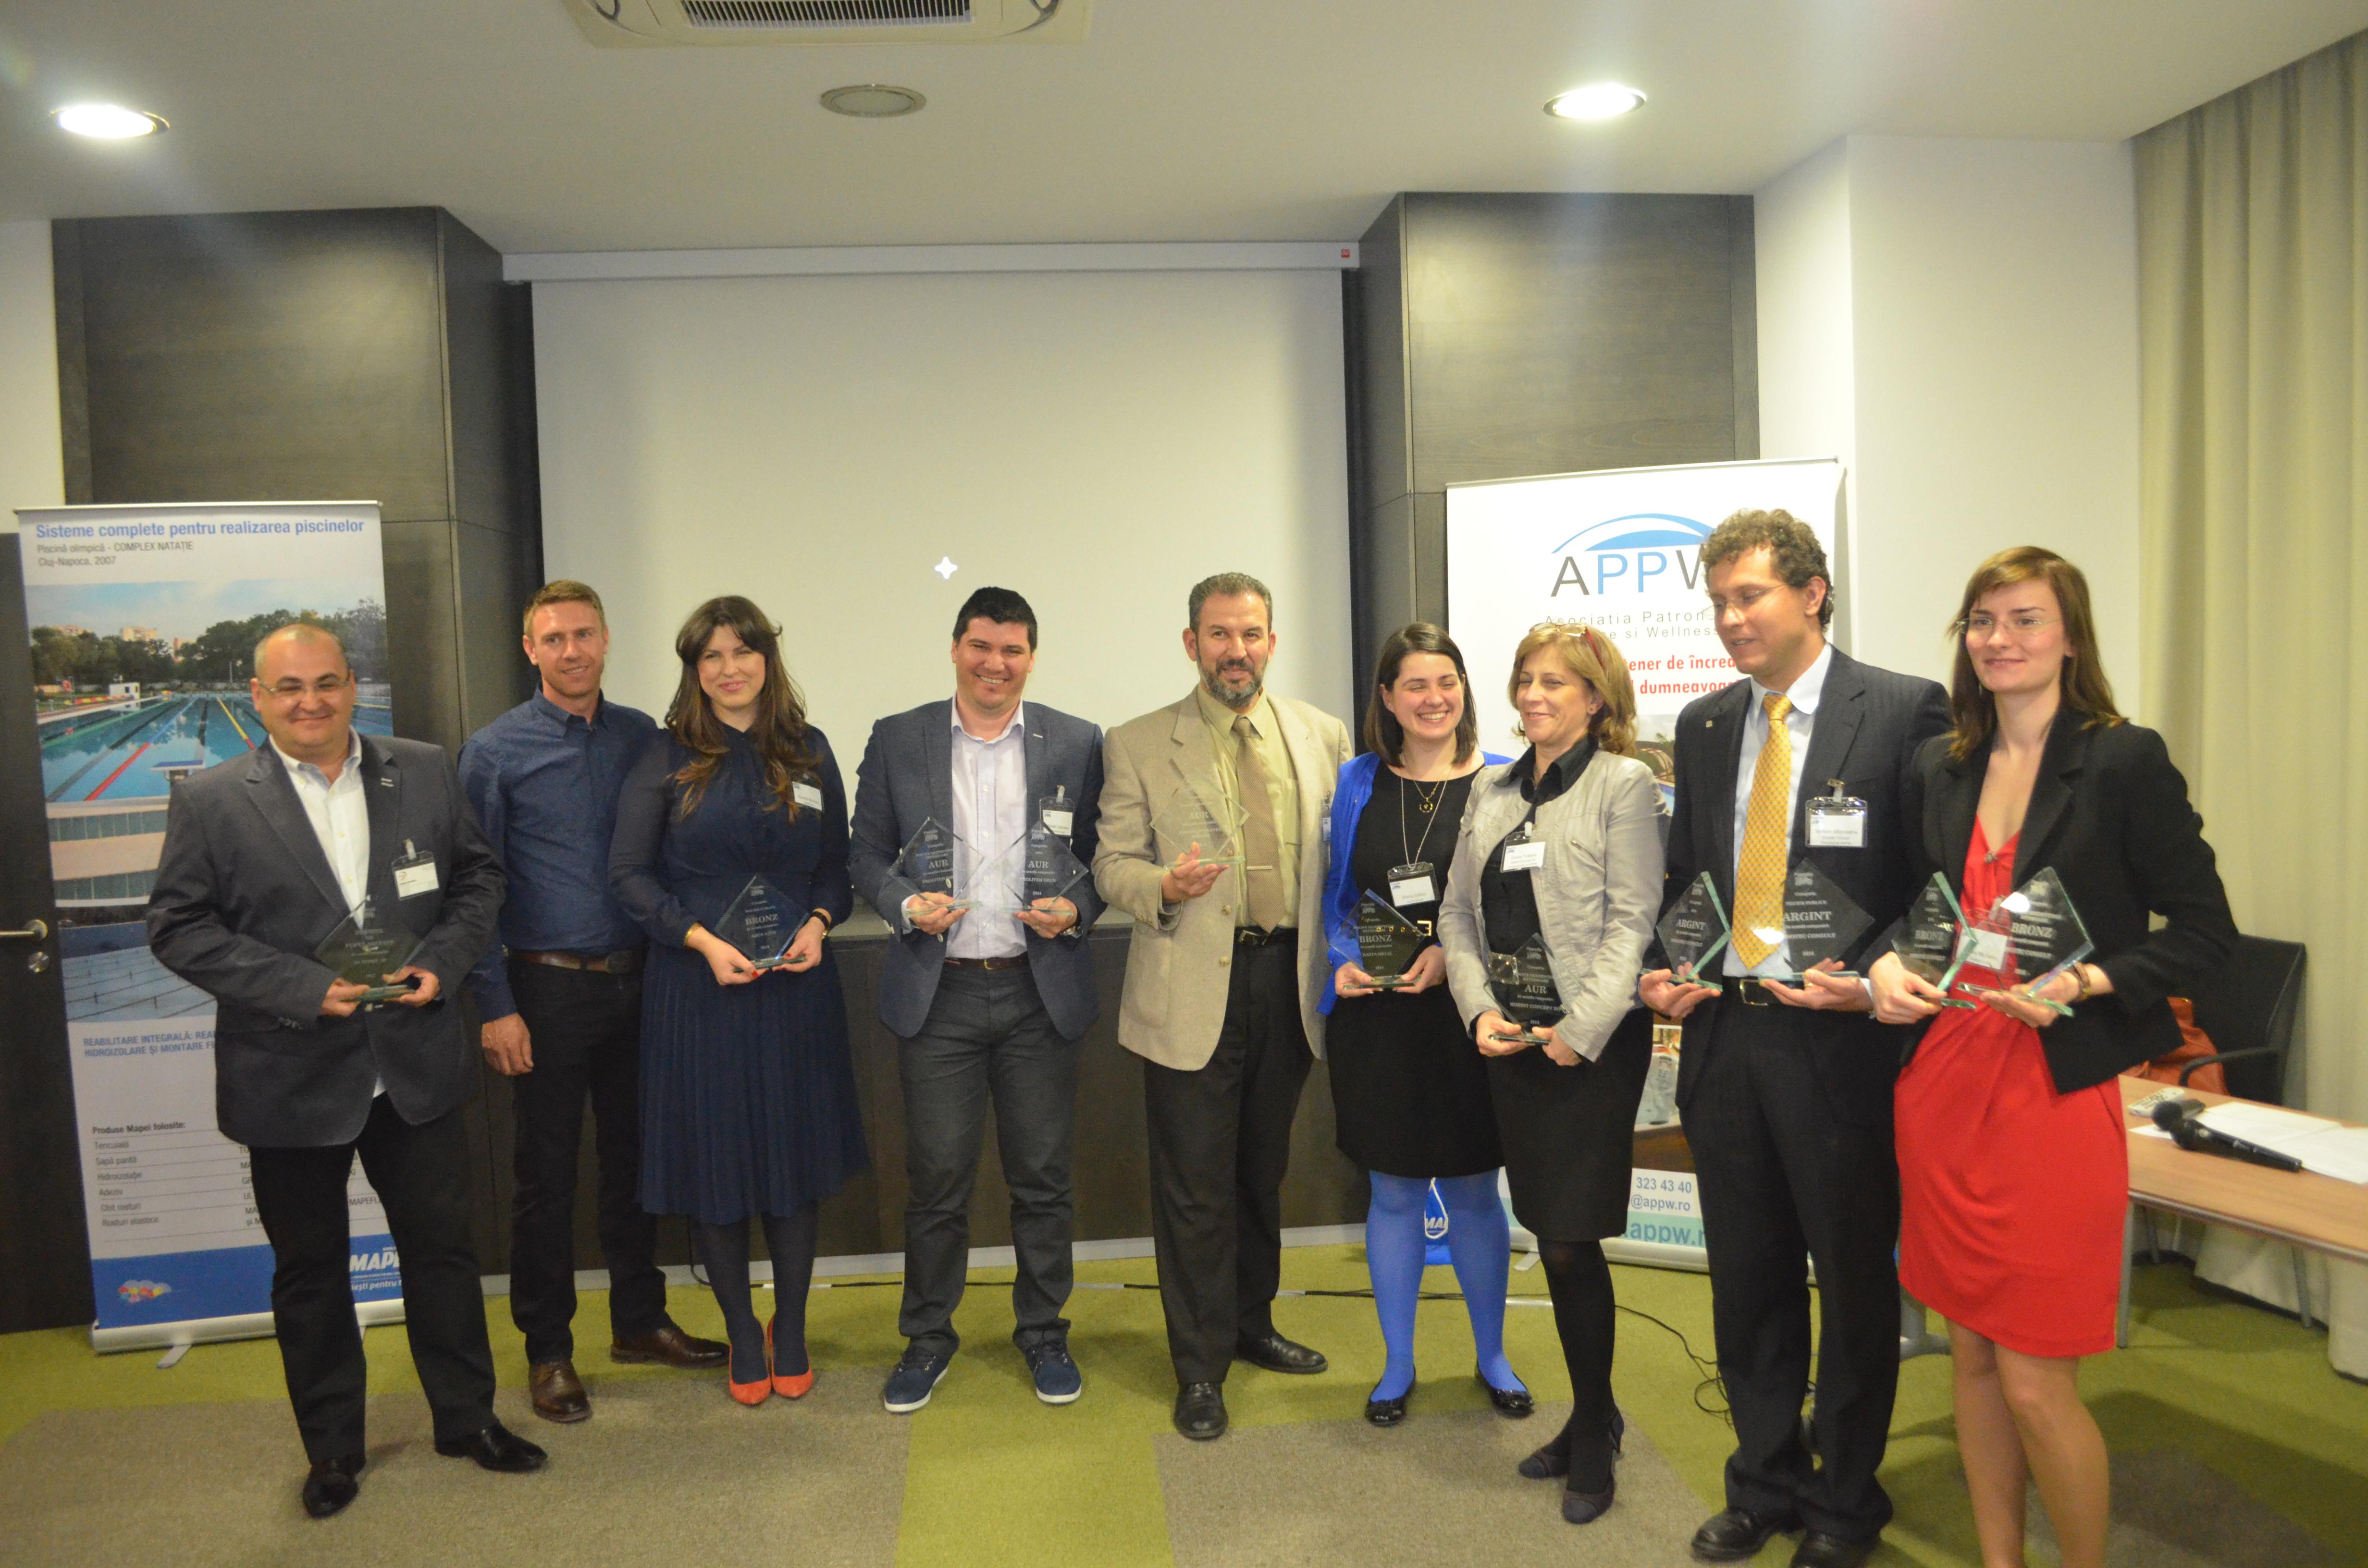 Premiile APPW 2014 - Castigatorii concursului de piscine Premiile APPW 2014